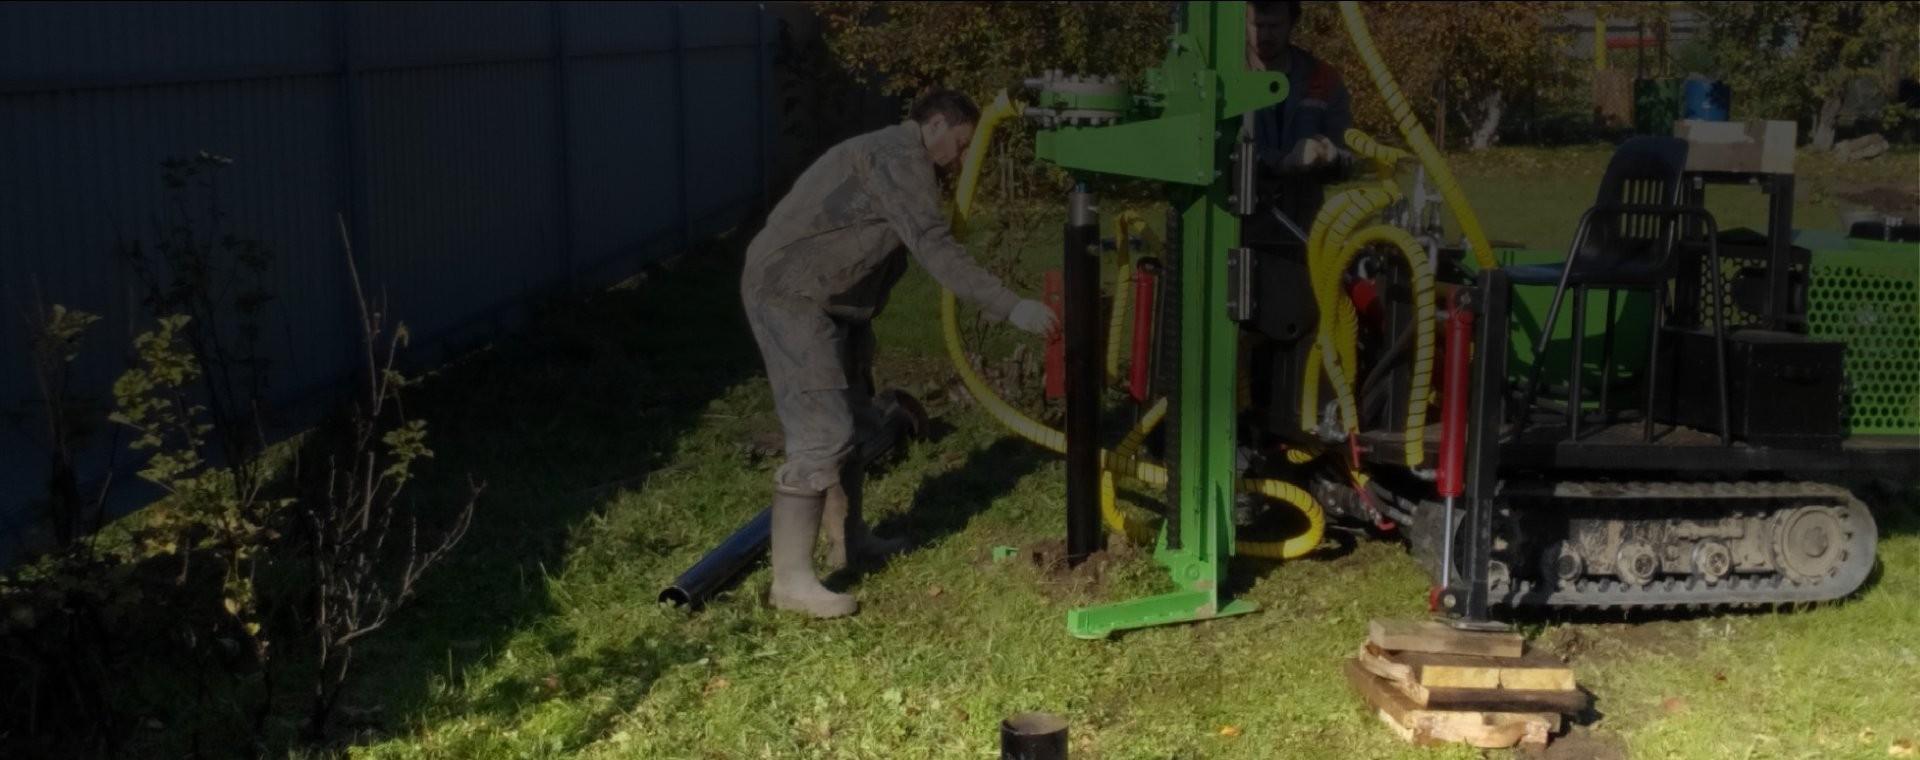 монтаж винтовой сваи гидравлическим сваекрутом